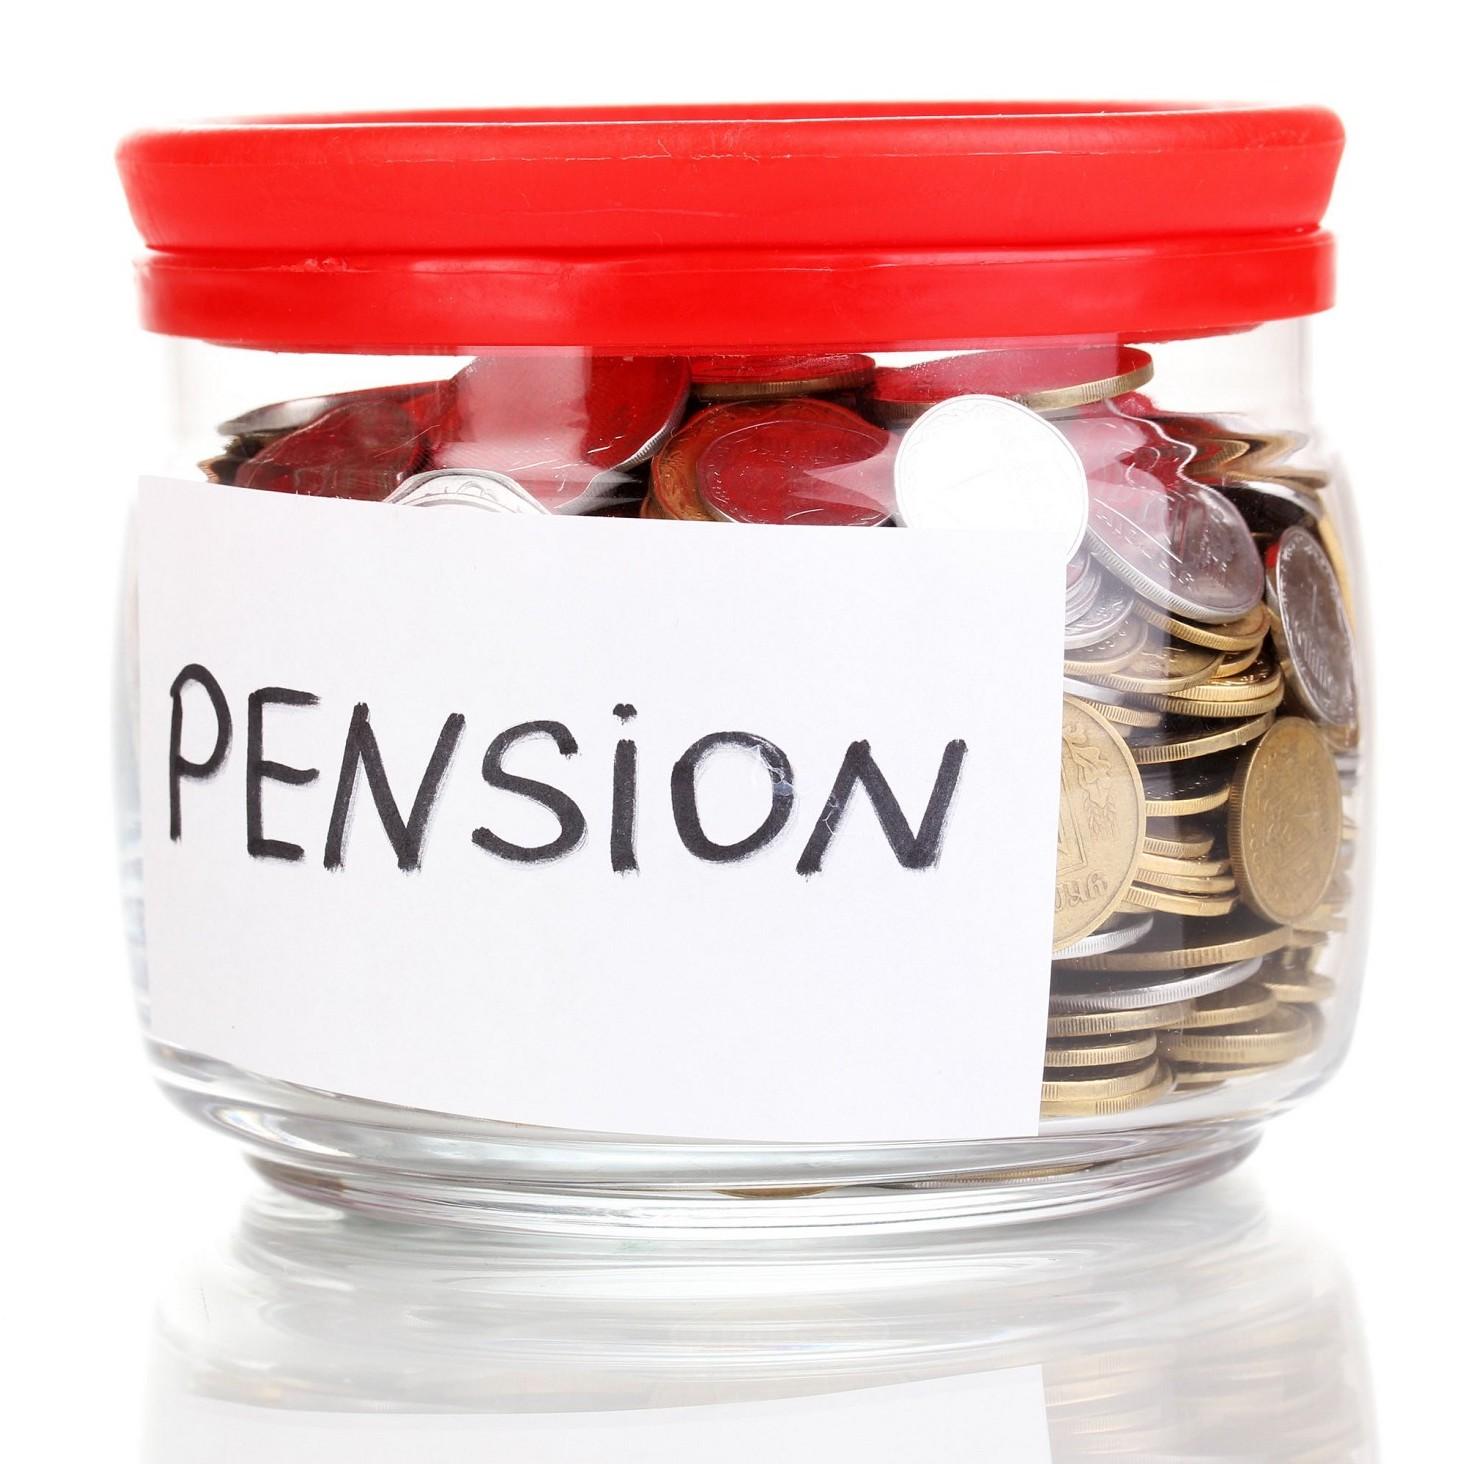 Pensioni ultime notizie Ape Social, Quot